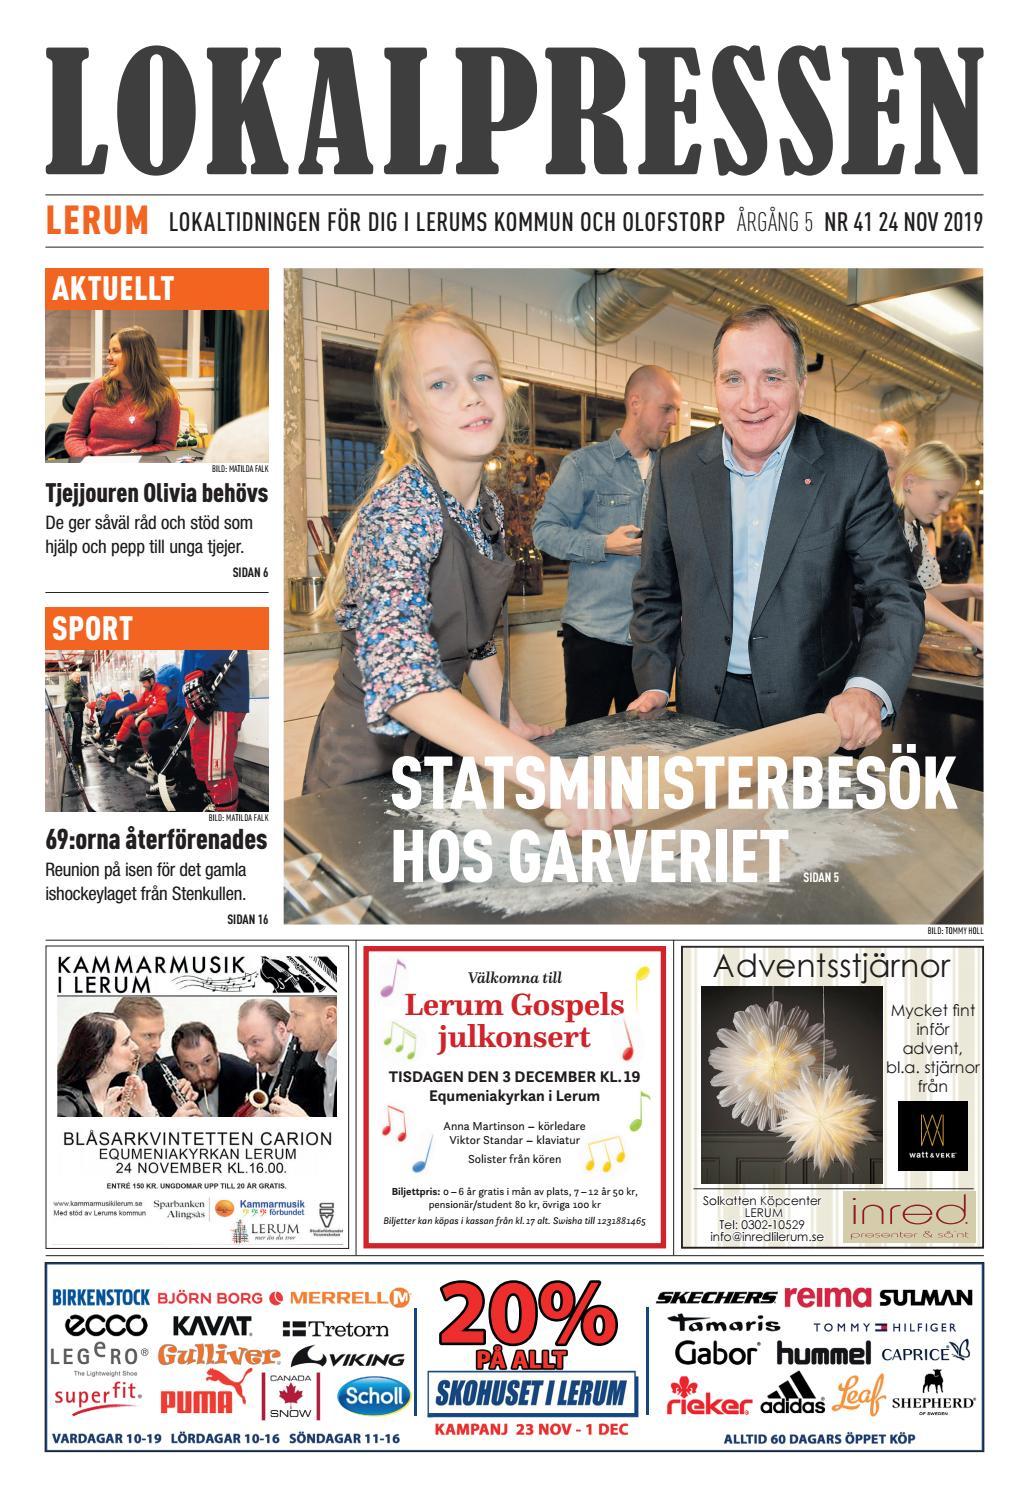 kvinna sker sex Stenkullen Sverige | Kontaktannons Sverige